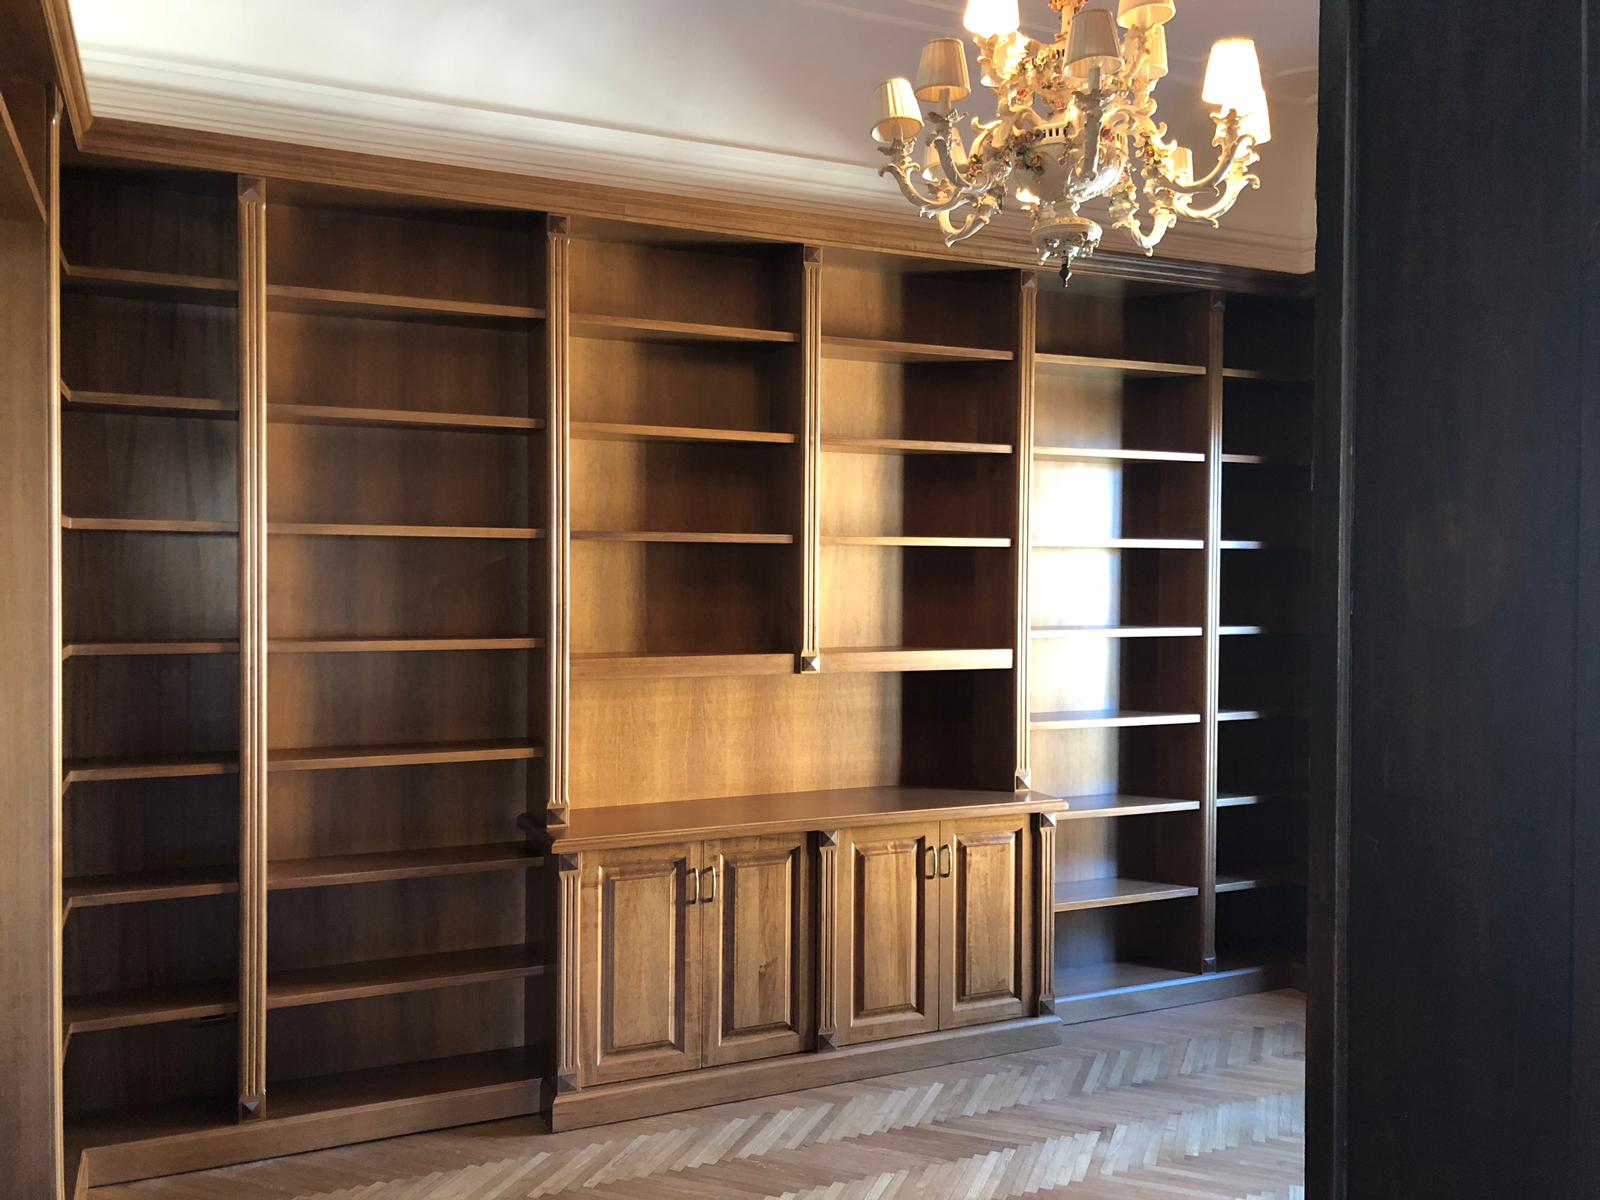 librerie legno noce ESCAPE='HTML'